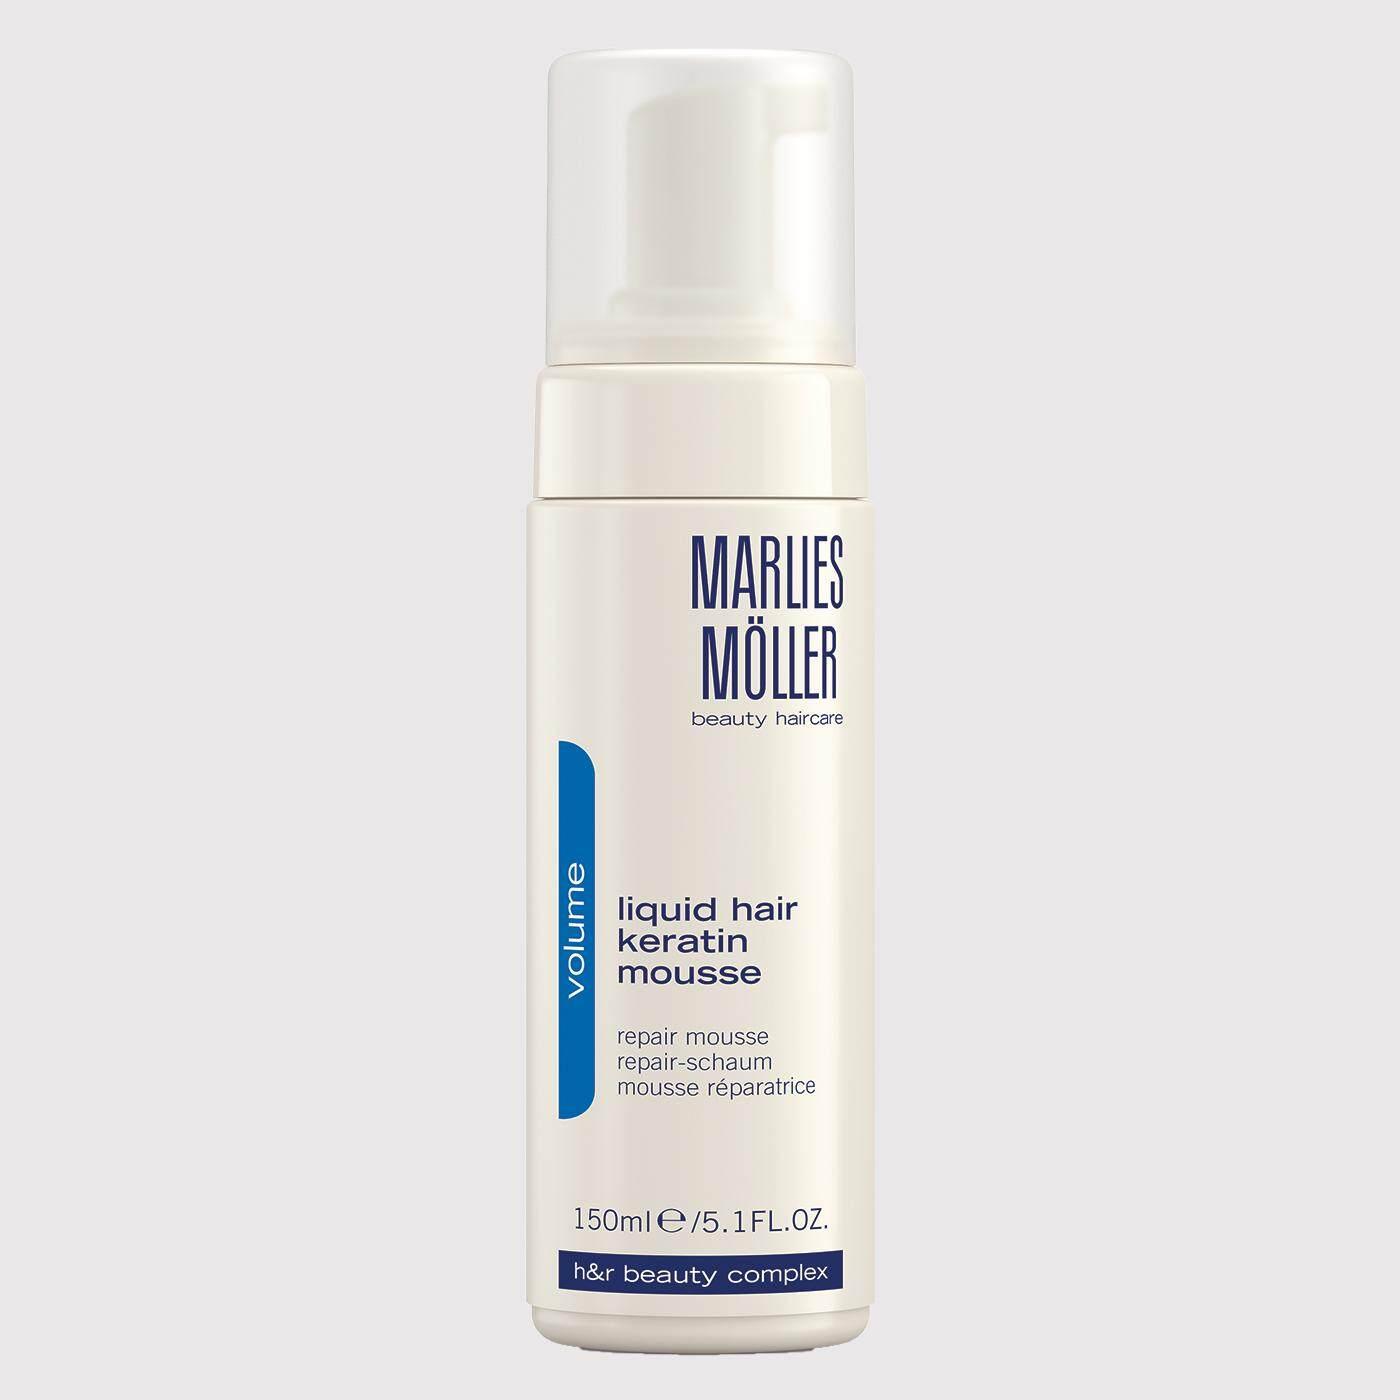 มาร์ลี่ มอลเล่อร์ ลิควิด แฮร์ เคราติน มูส 150 มล (มูสจัดแต่งทรงผมที่มีมาสคาร่า Effect ช่วยเพิ่มวอลลุ่มให้แก่ผม) Marlies Moller Liquid Hair Keratin Mousse 150 Ml By Marlies Moller Thailand Official.